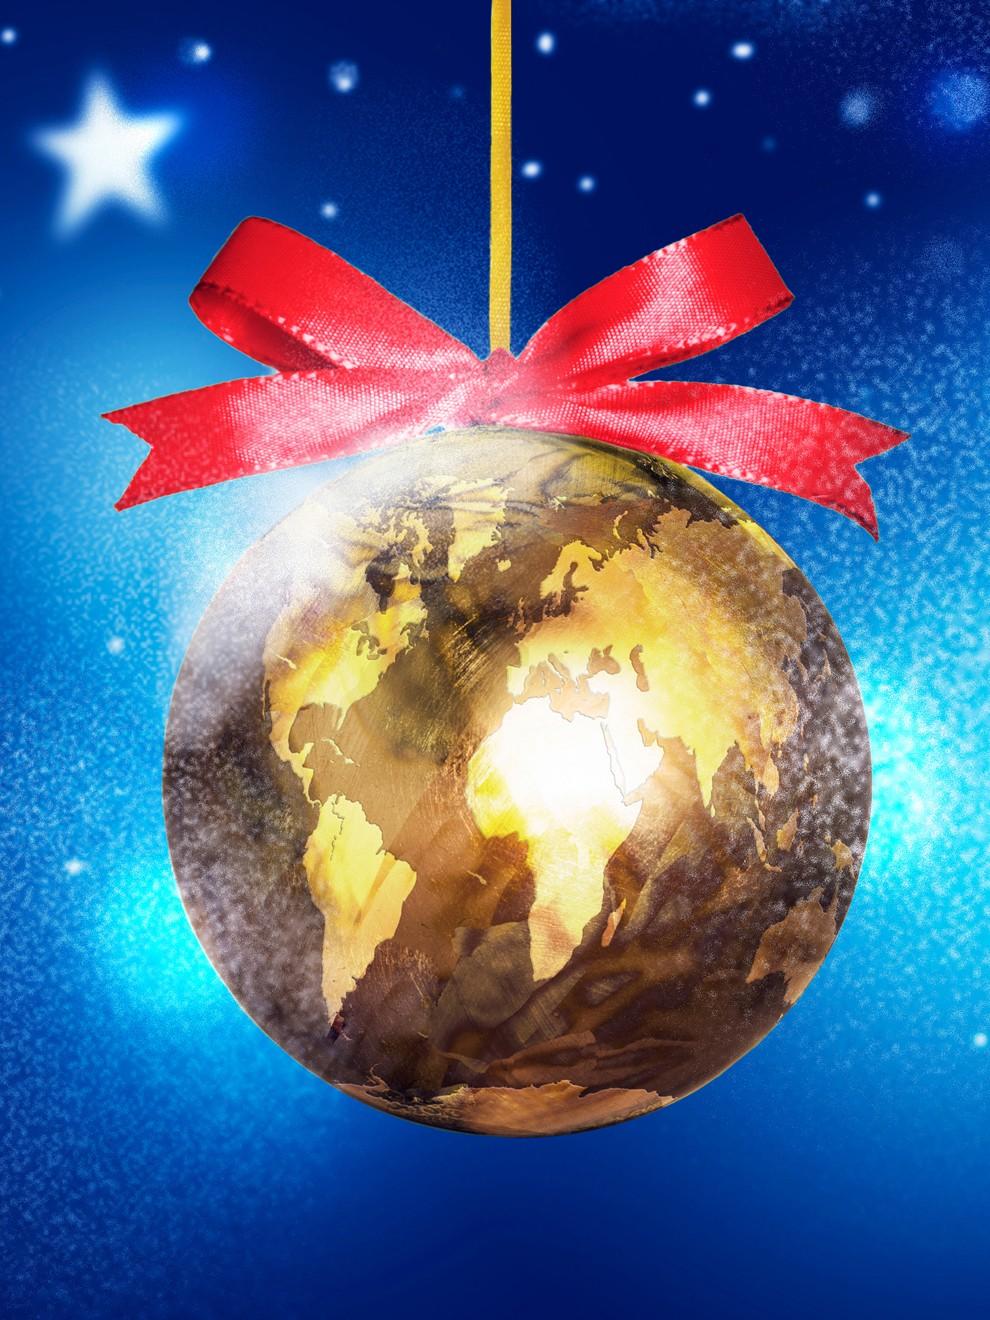 Escritos Para Felicitaciones De Navidad.Frases Para Felicitar La Navidad En Distintos Idiomas Con